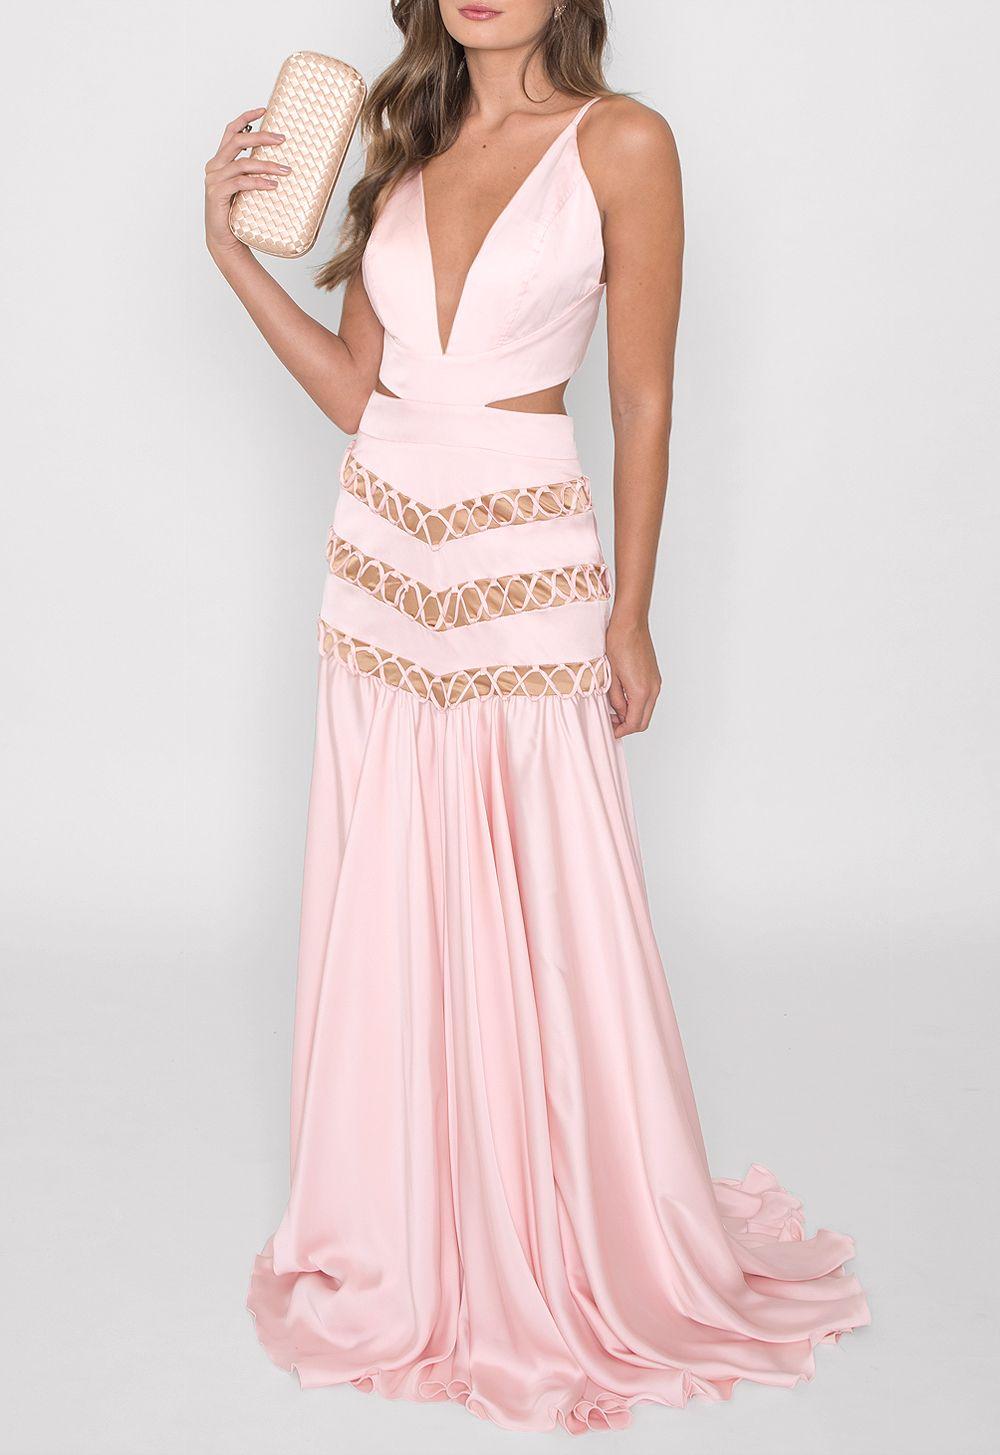 445555d947eddc Vestido longo em cetim rosa claro com recortes na cintura. Detalhe ...